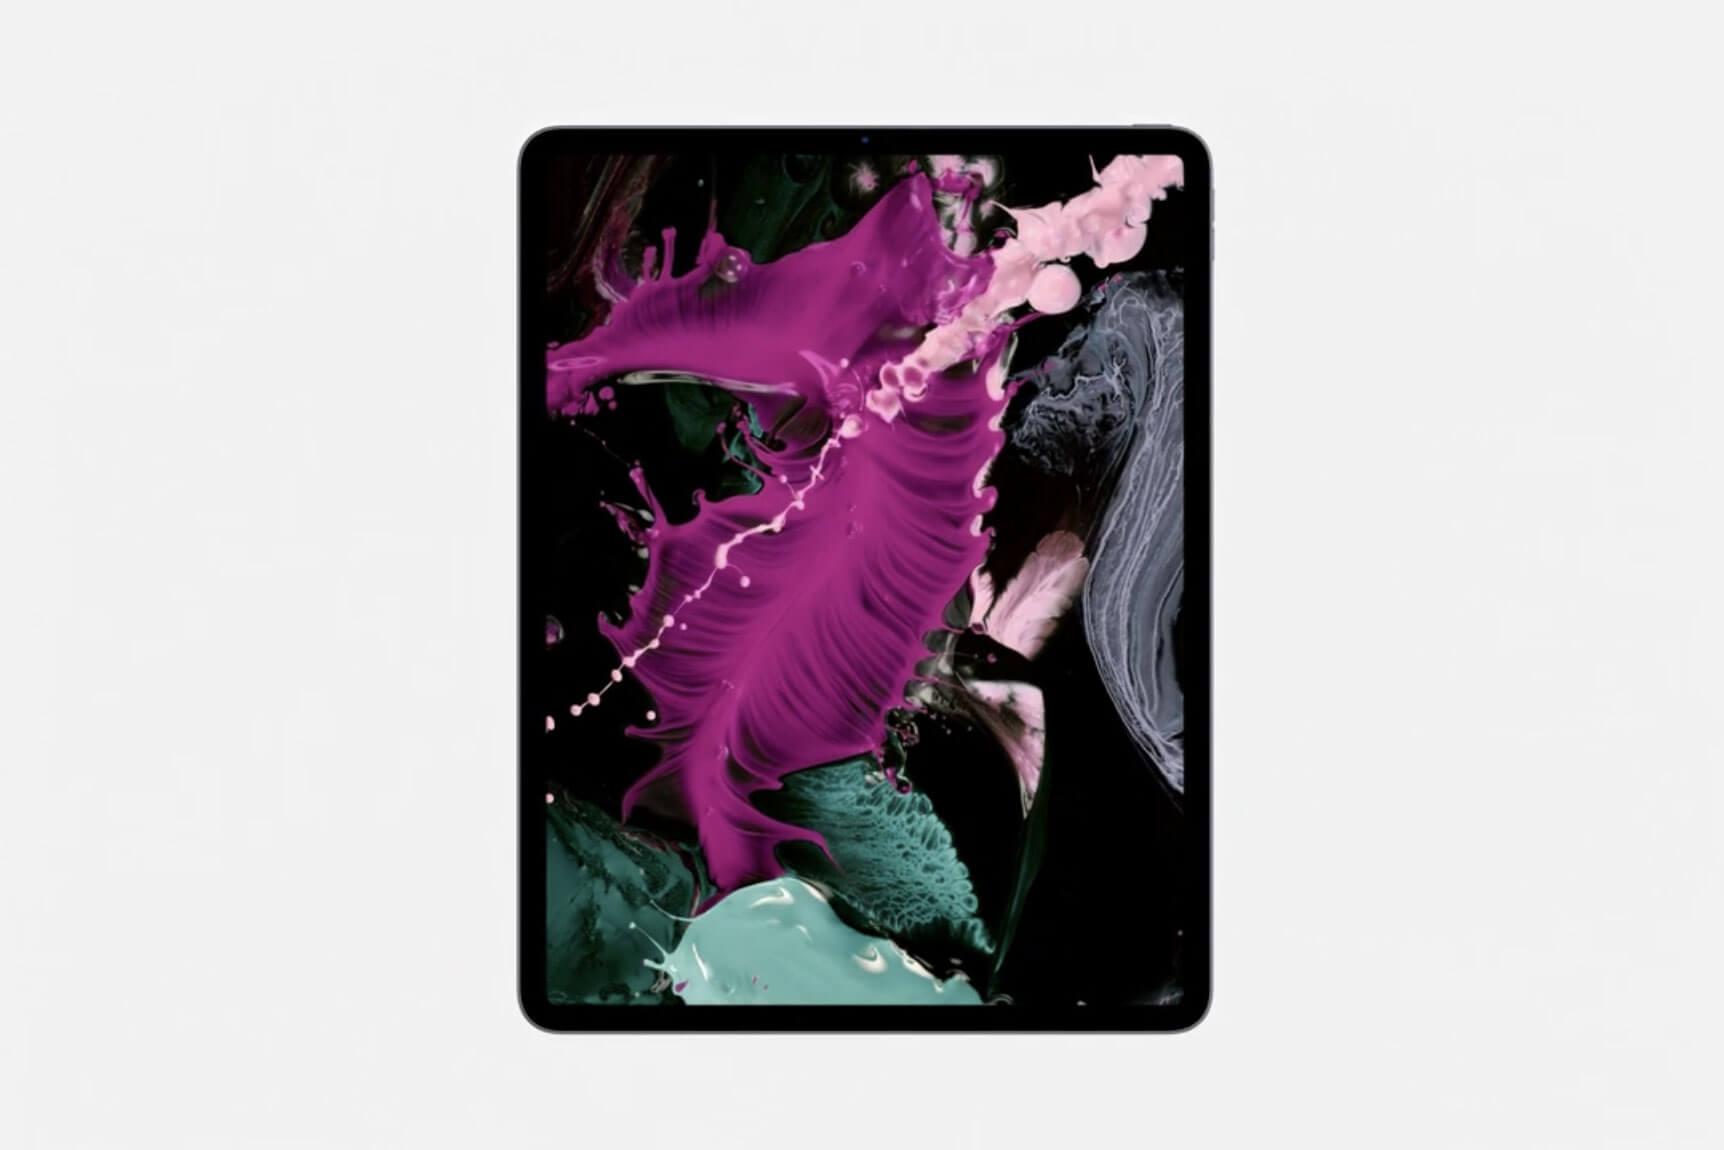 新型iPad Pro(第3世代)が登場!ホームボタン廃止で狭縁ベゼル、高い画面占有率を実現